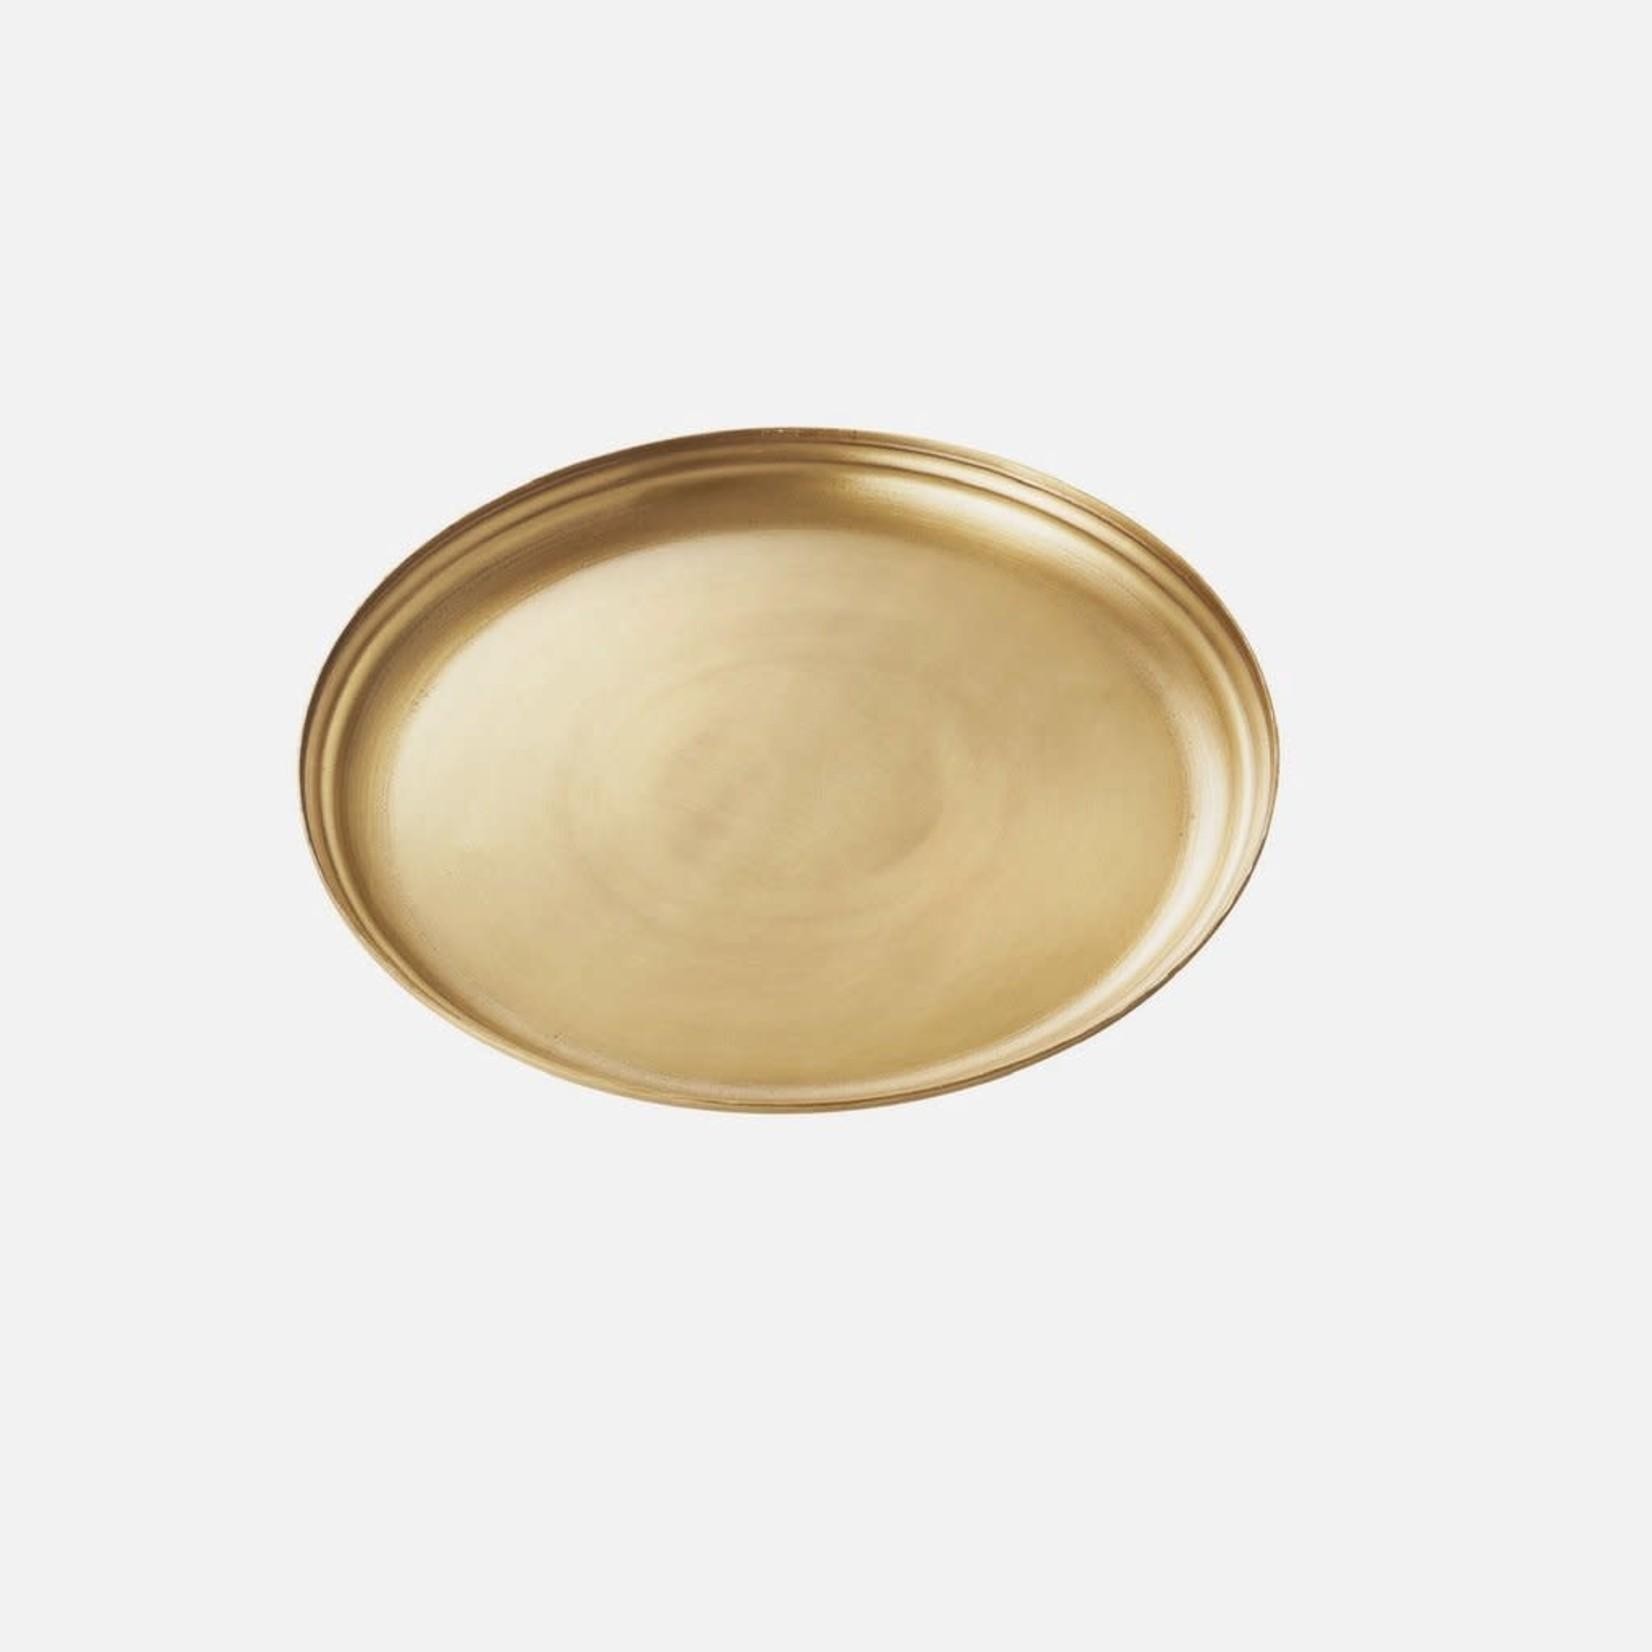 Fog Linen Fog Linen Brass Serving Tray Medium